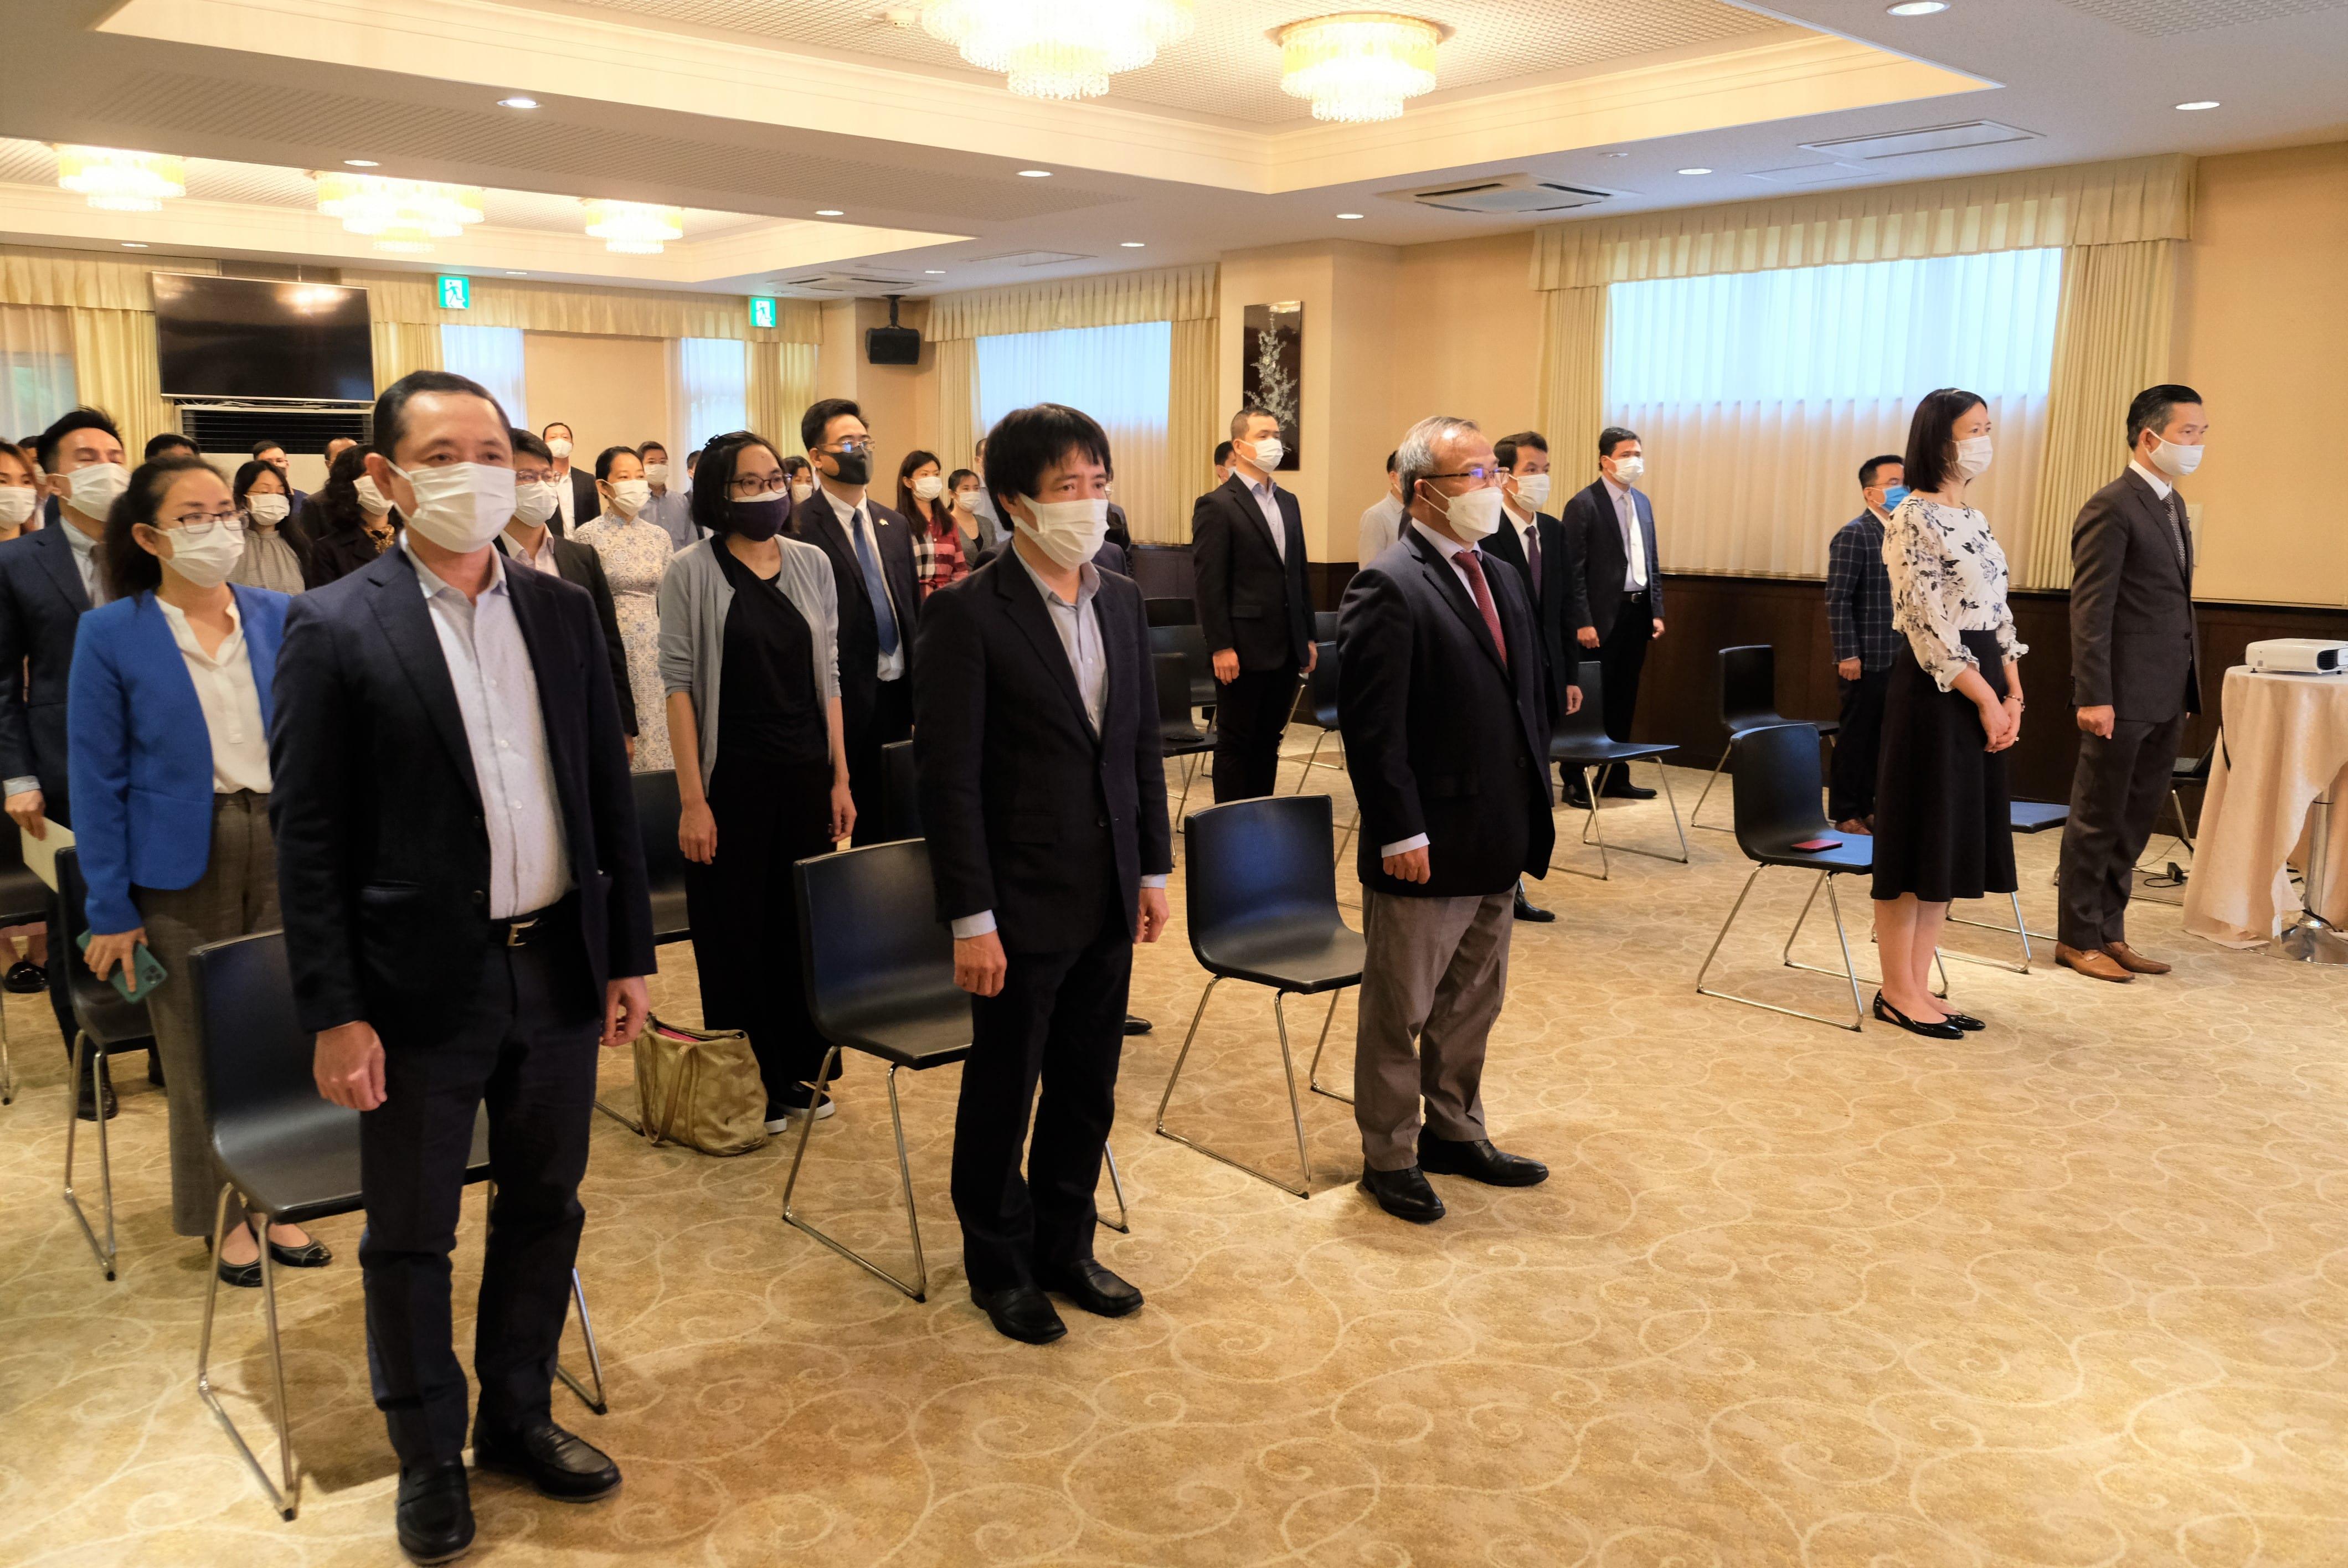 Đại sứ quán Việt Nam tại Nhật Bản tổ chức Lễ kỷ niệm 131 năm ngày sinh Chủ tịch Hồ Chí Minh